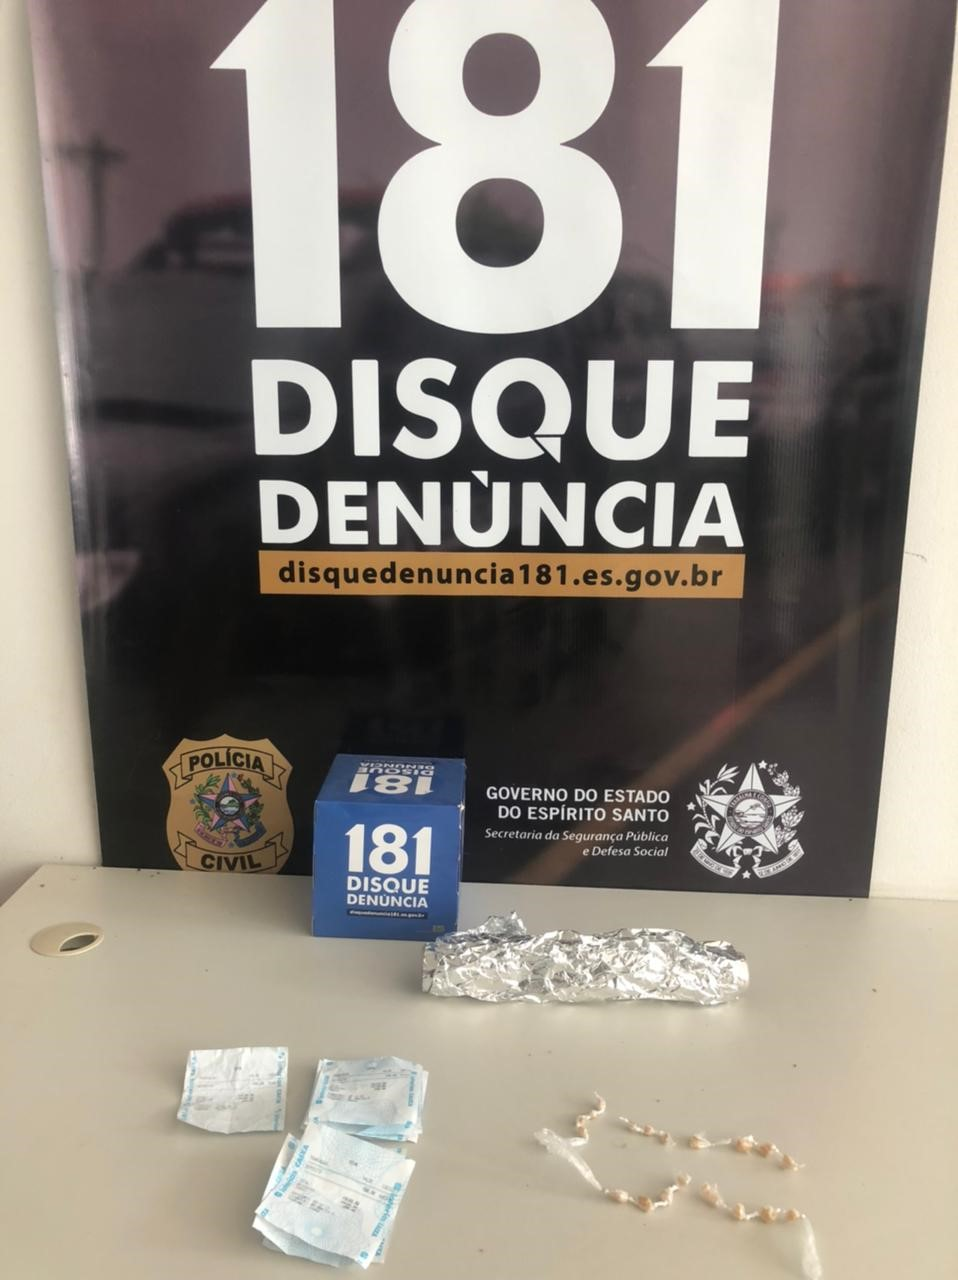 Denarc prende em flagrante mulheres suspeitas de vender crack em Venda Nova do Imigrante